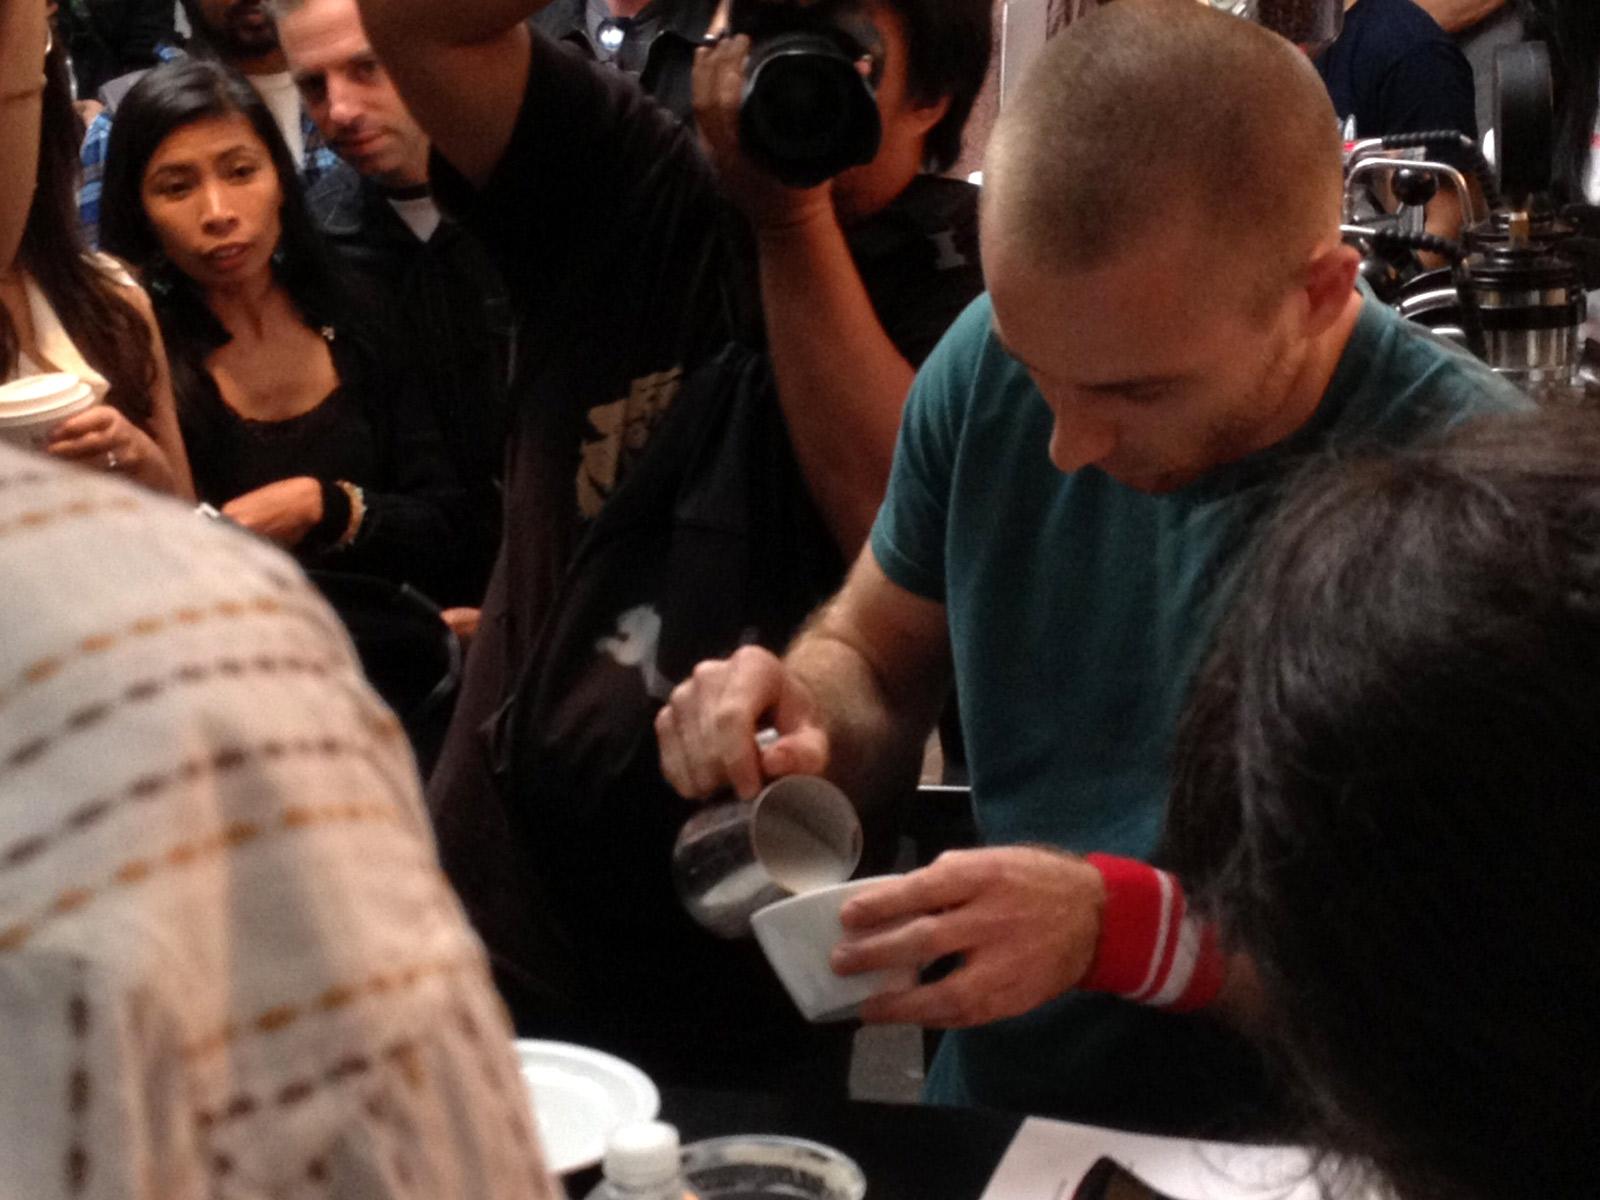 Image shows a man pouring latte art